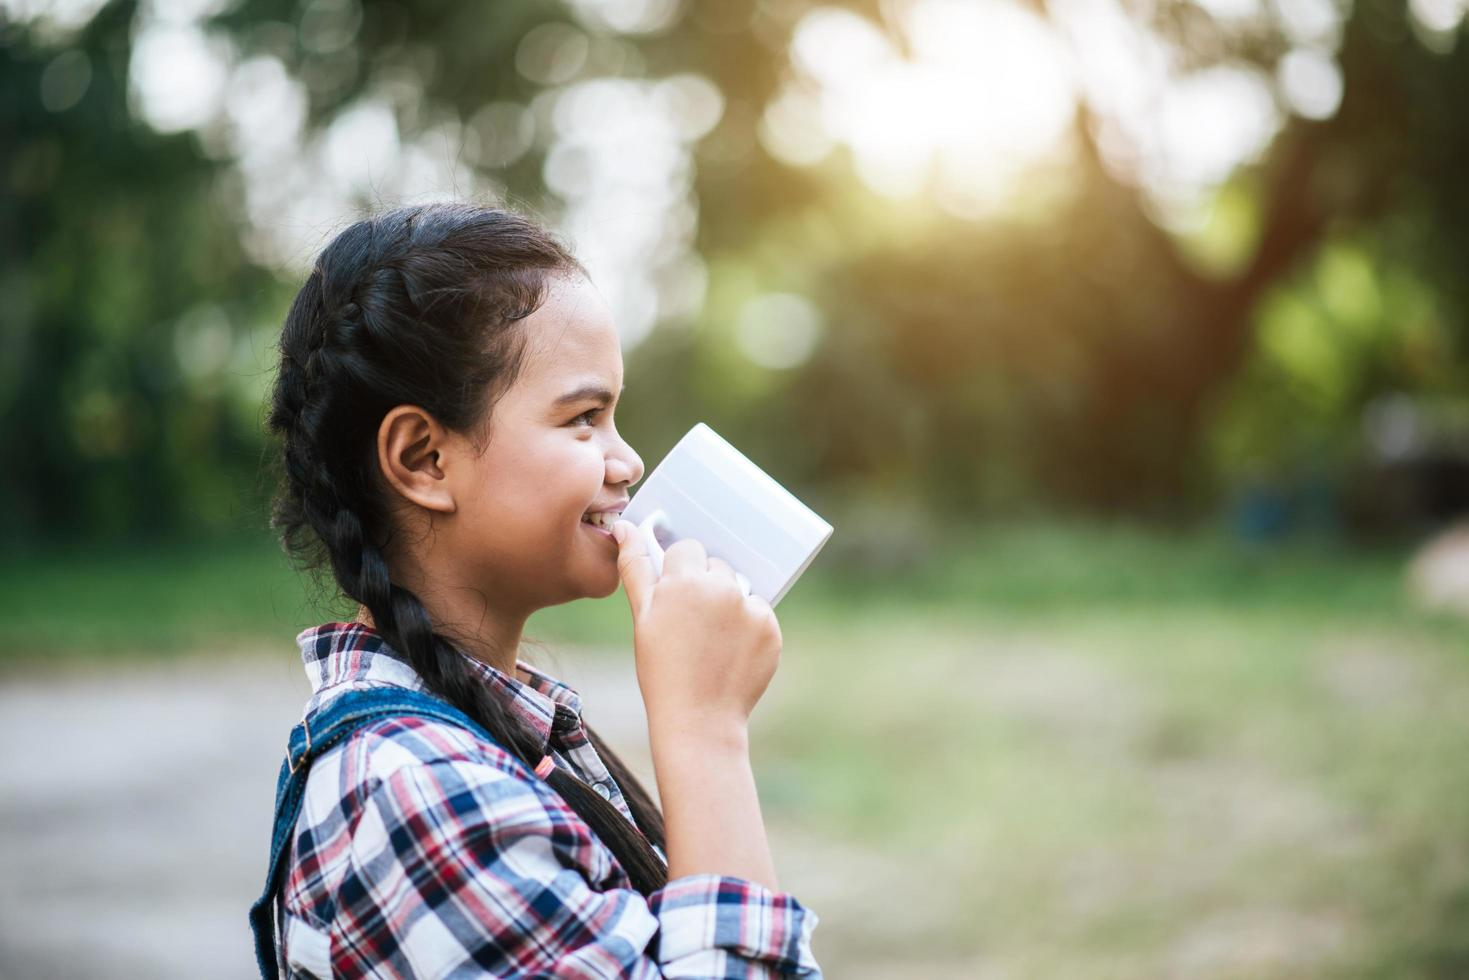 niña bebiendo leche de la taza foto